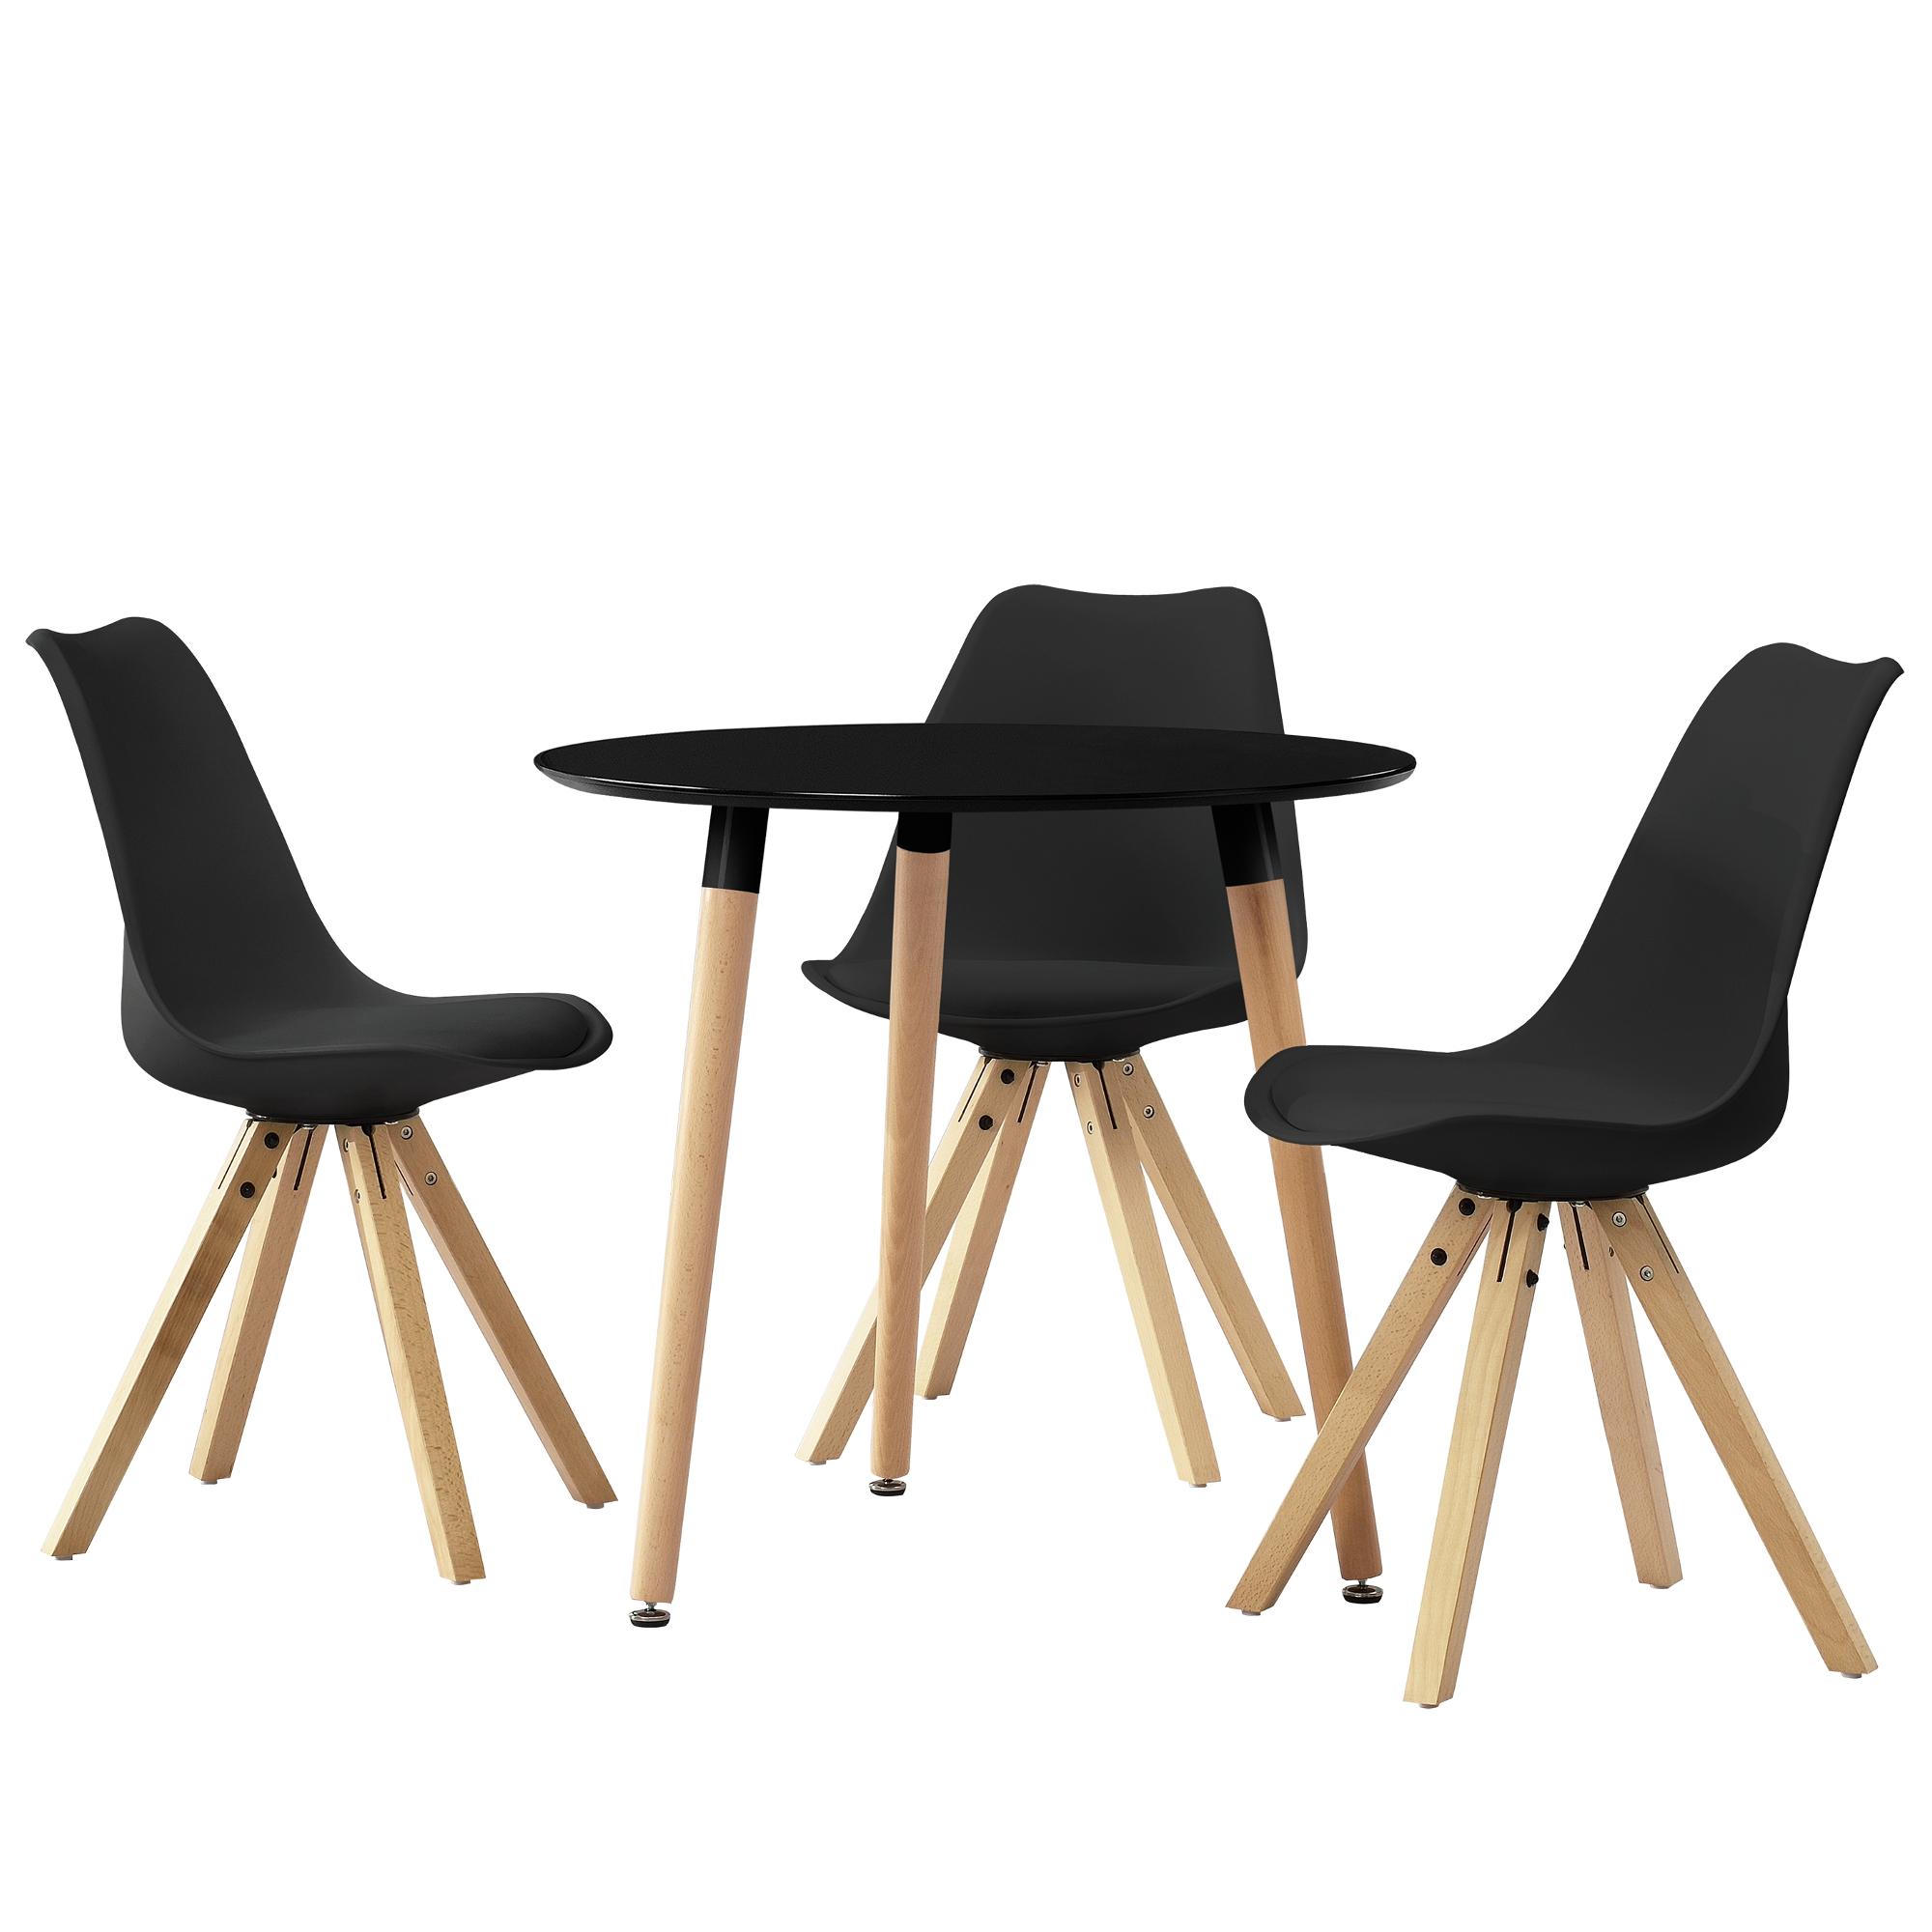 Table de salle manger mit 3 chaises noir 80cm for Table salle manger 80 cm largeur